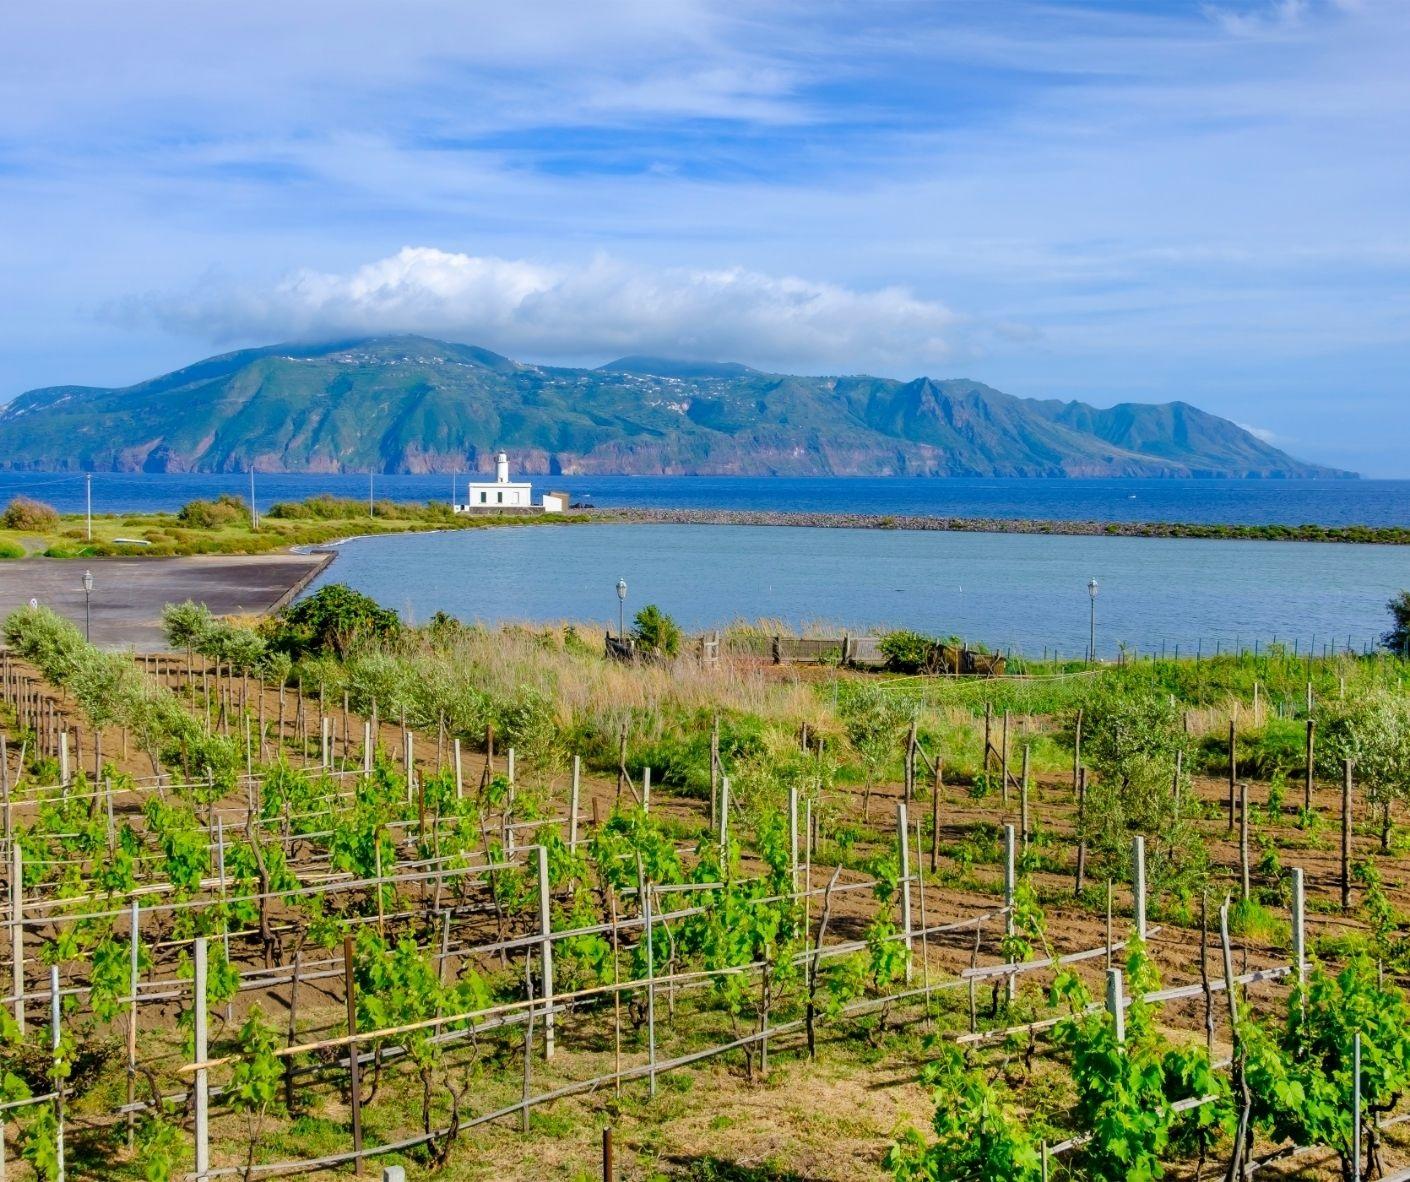 Liparische Inseln - Rundreise - Wanderurlaub